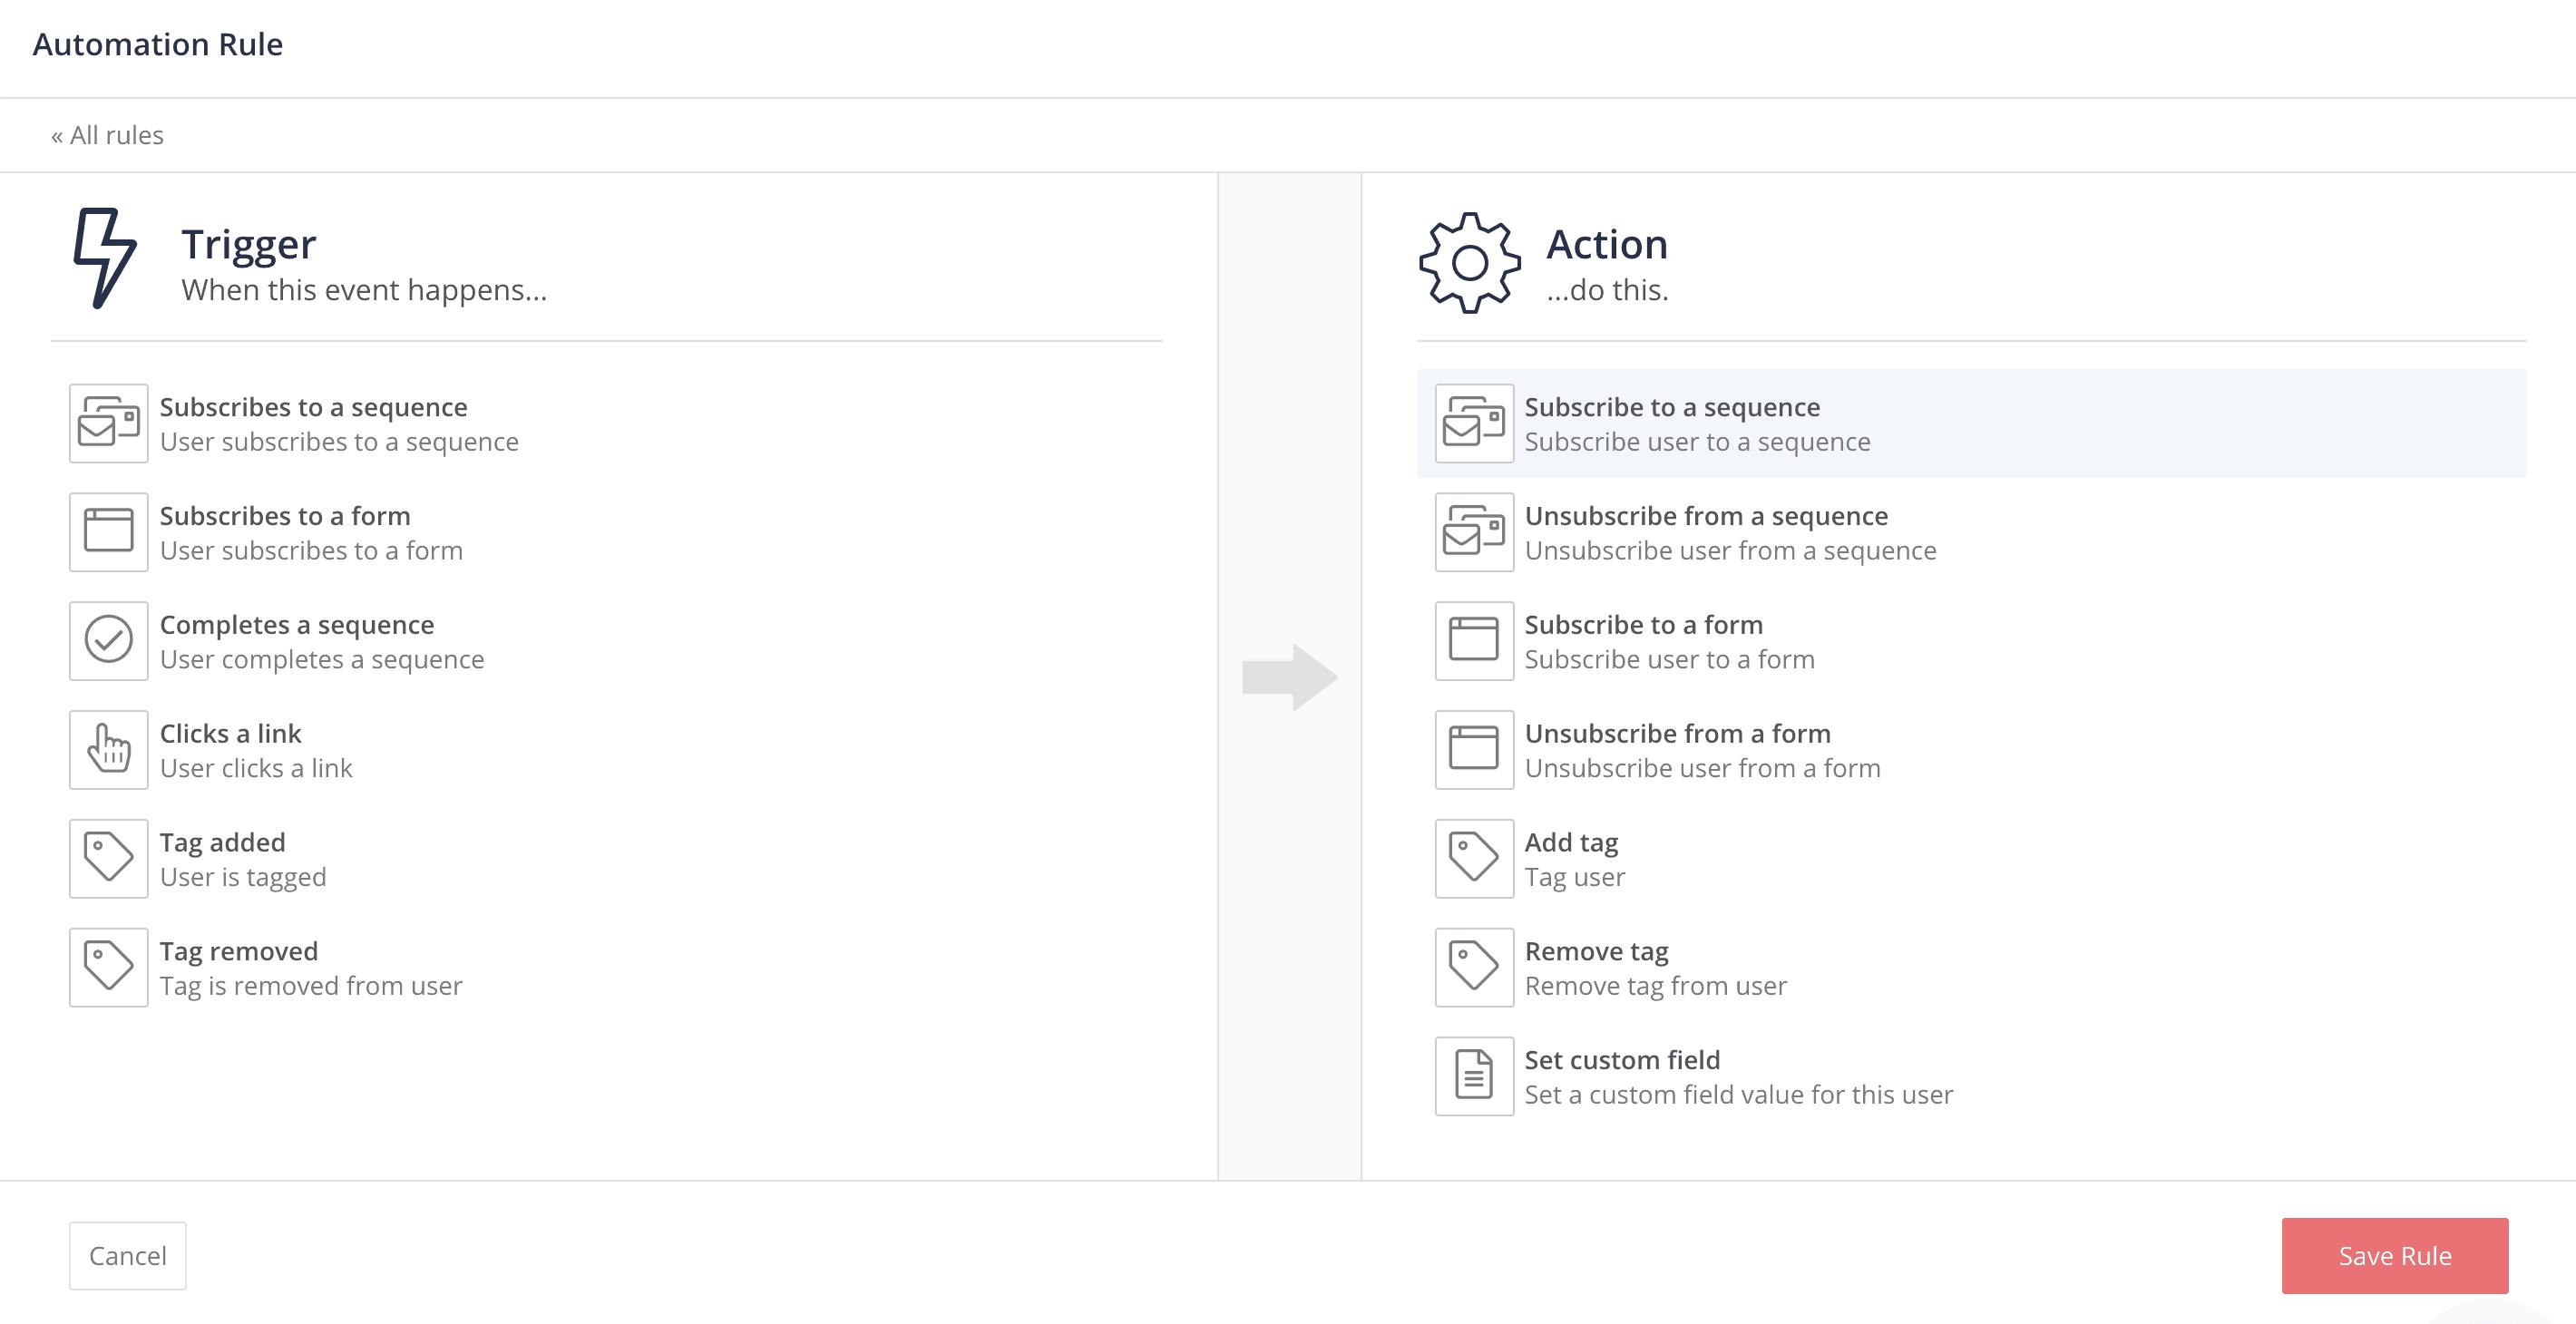 ConvertKit Automation Rules